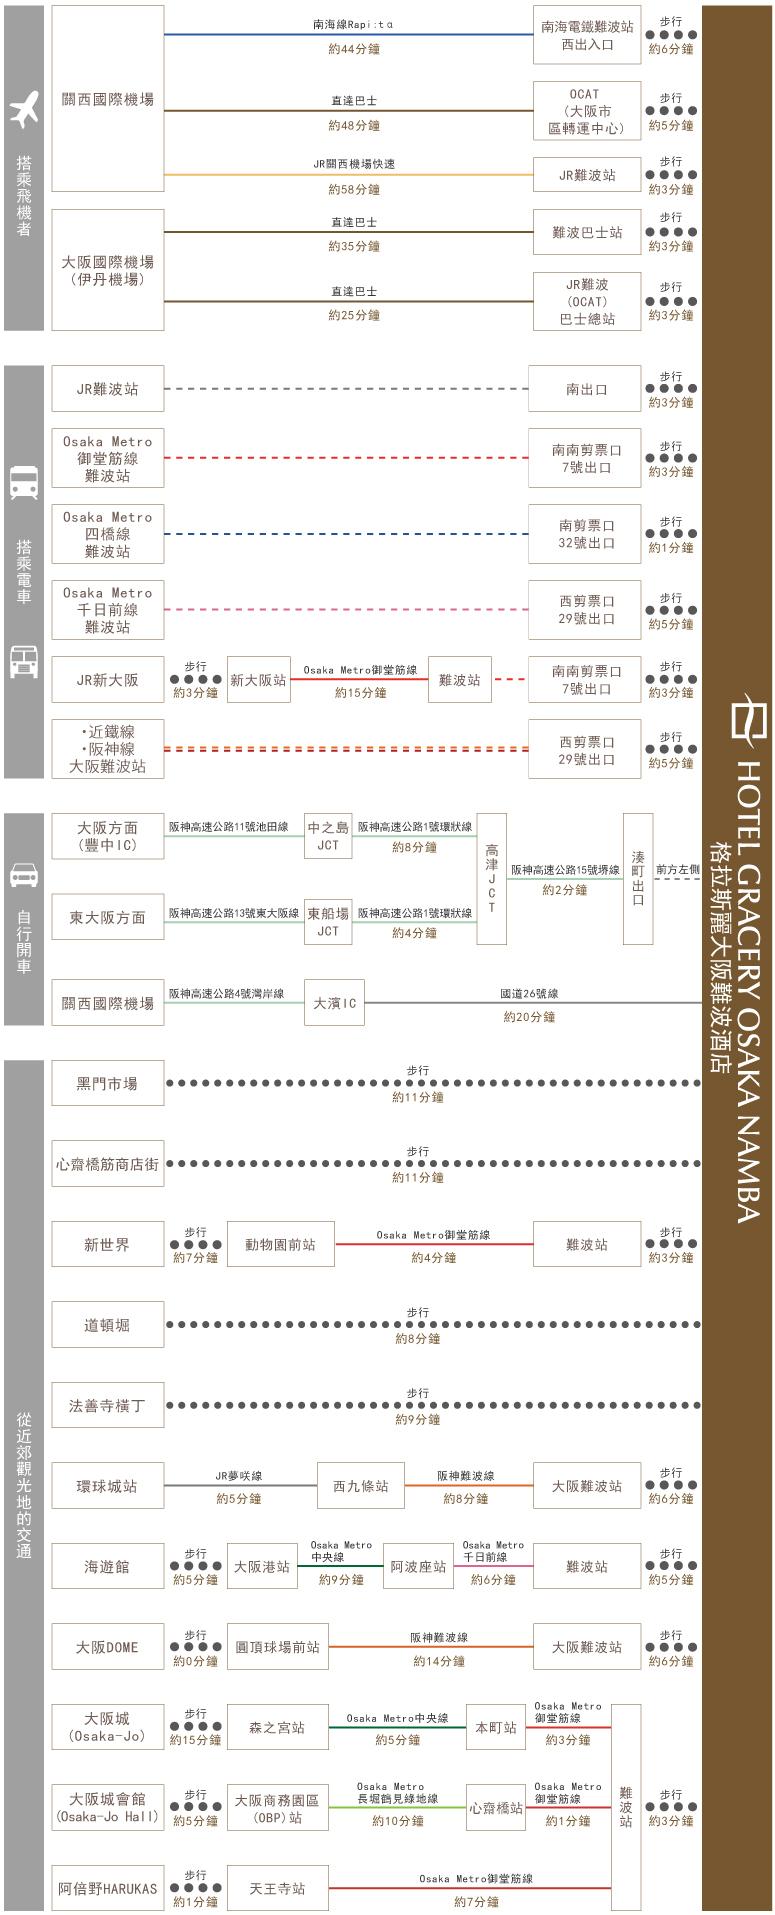 chart_zh_tw_osaka_namba_gwh